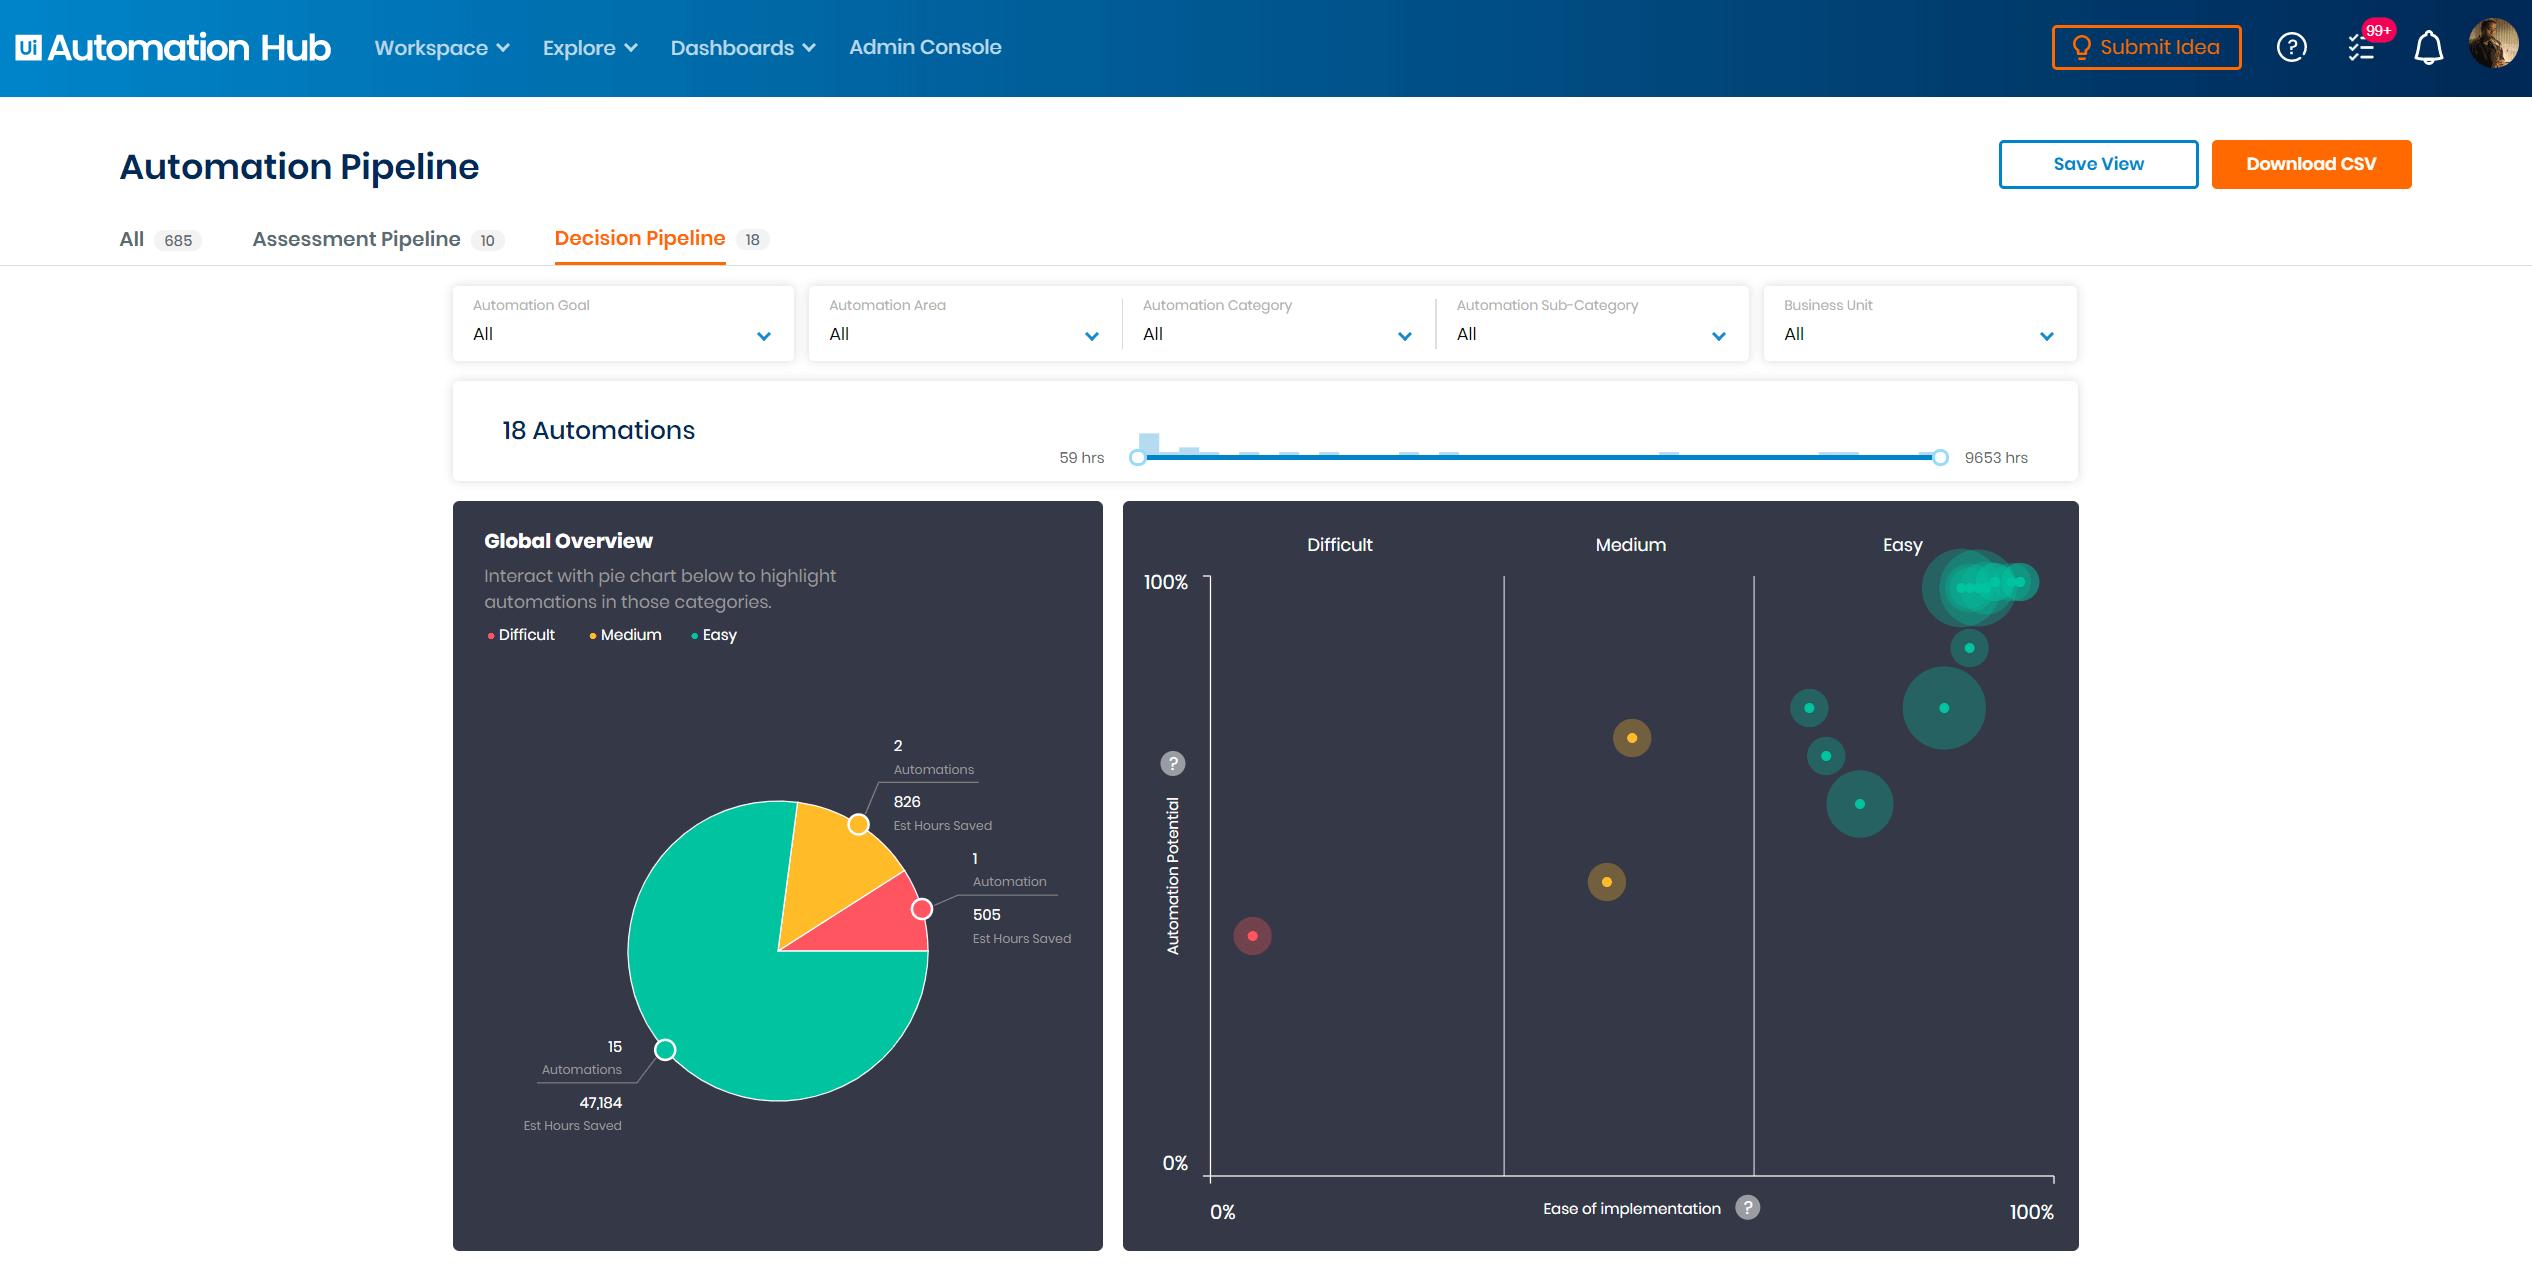 uipath automation hub pipeline